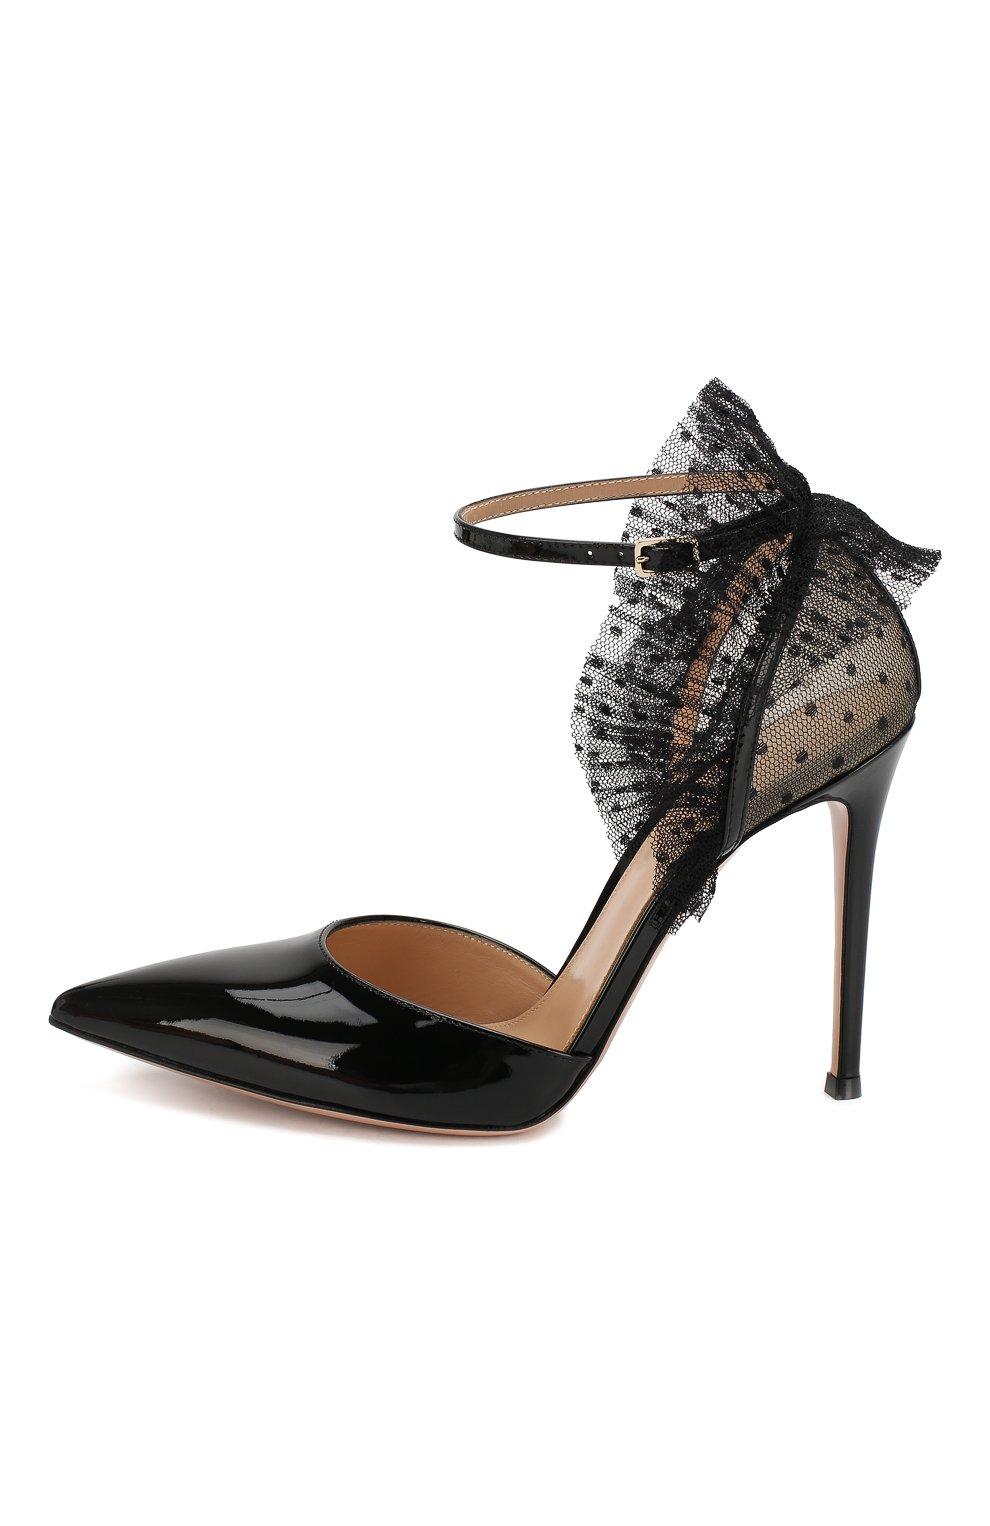 Кожаные туфли Beatrice | Фото №3